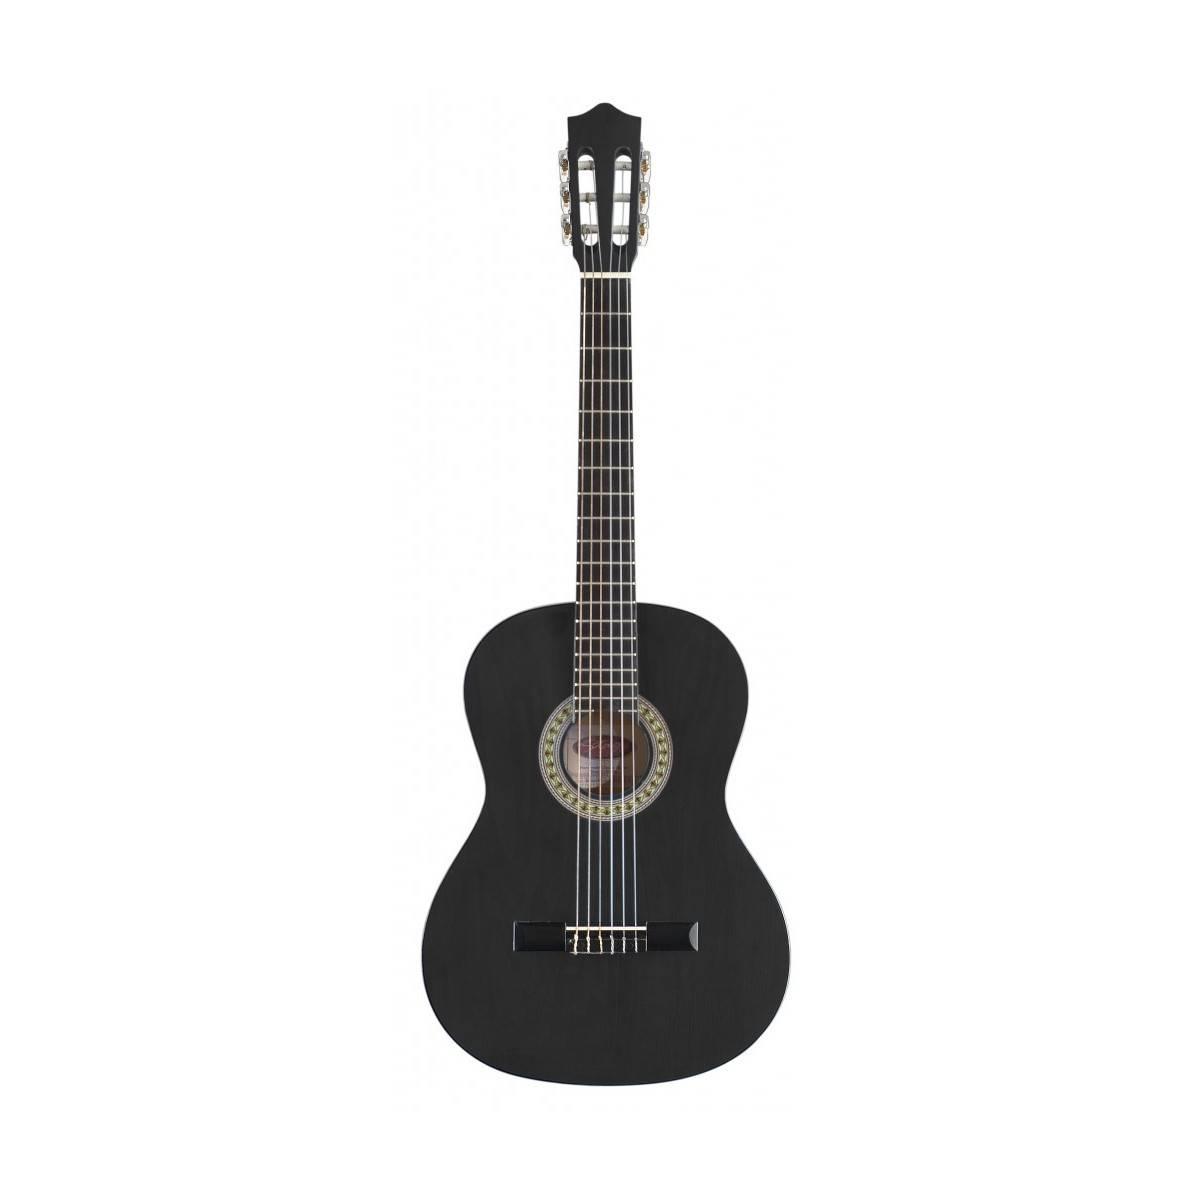 guitare classique enfant 1 4 noir pas cher noizikidz. Black Bedroom Furniture Sets. Home Design Ideas